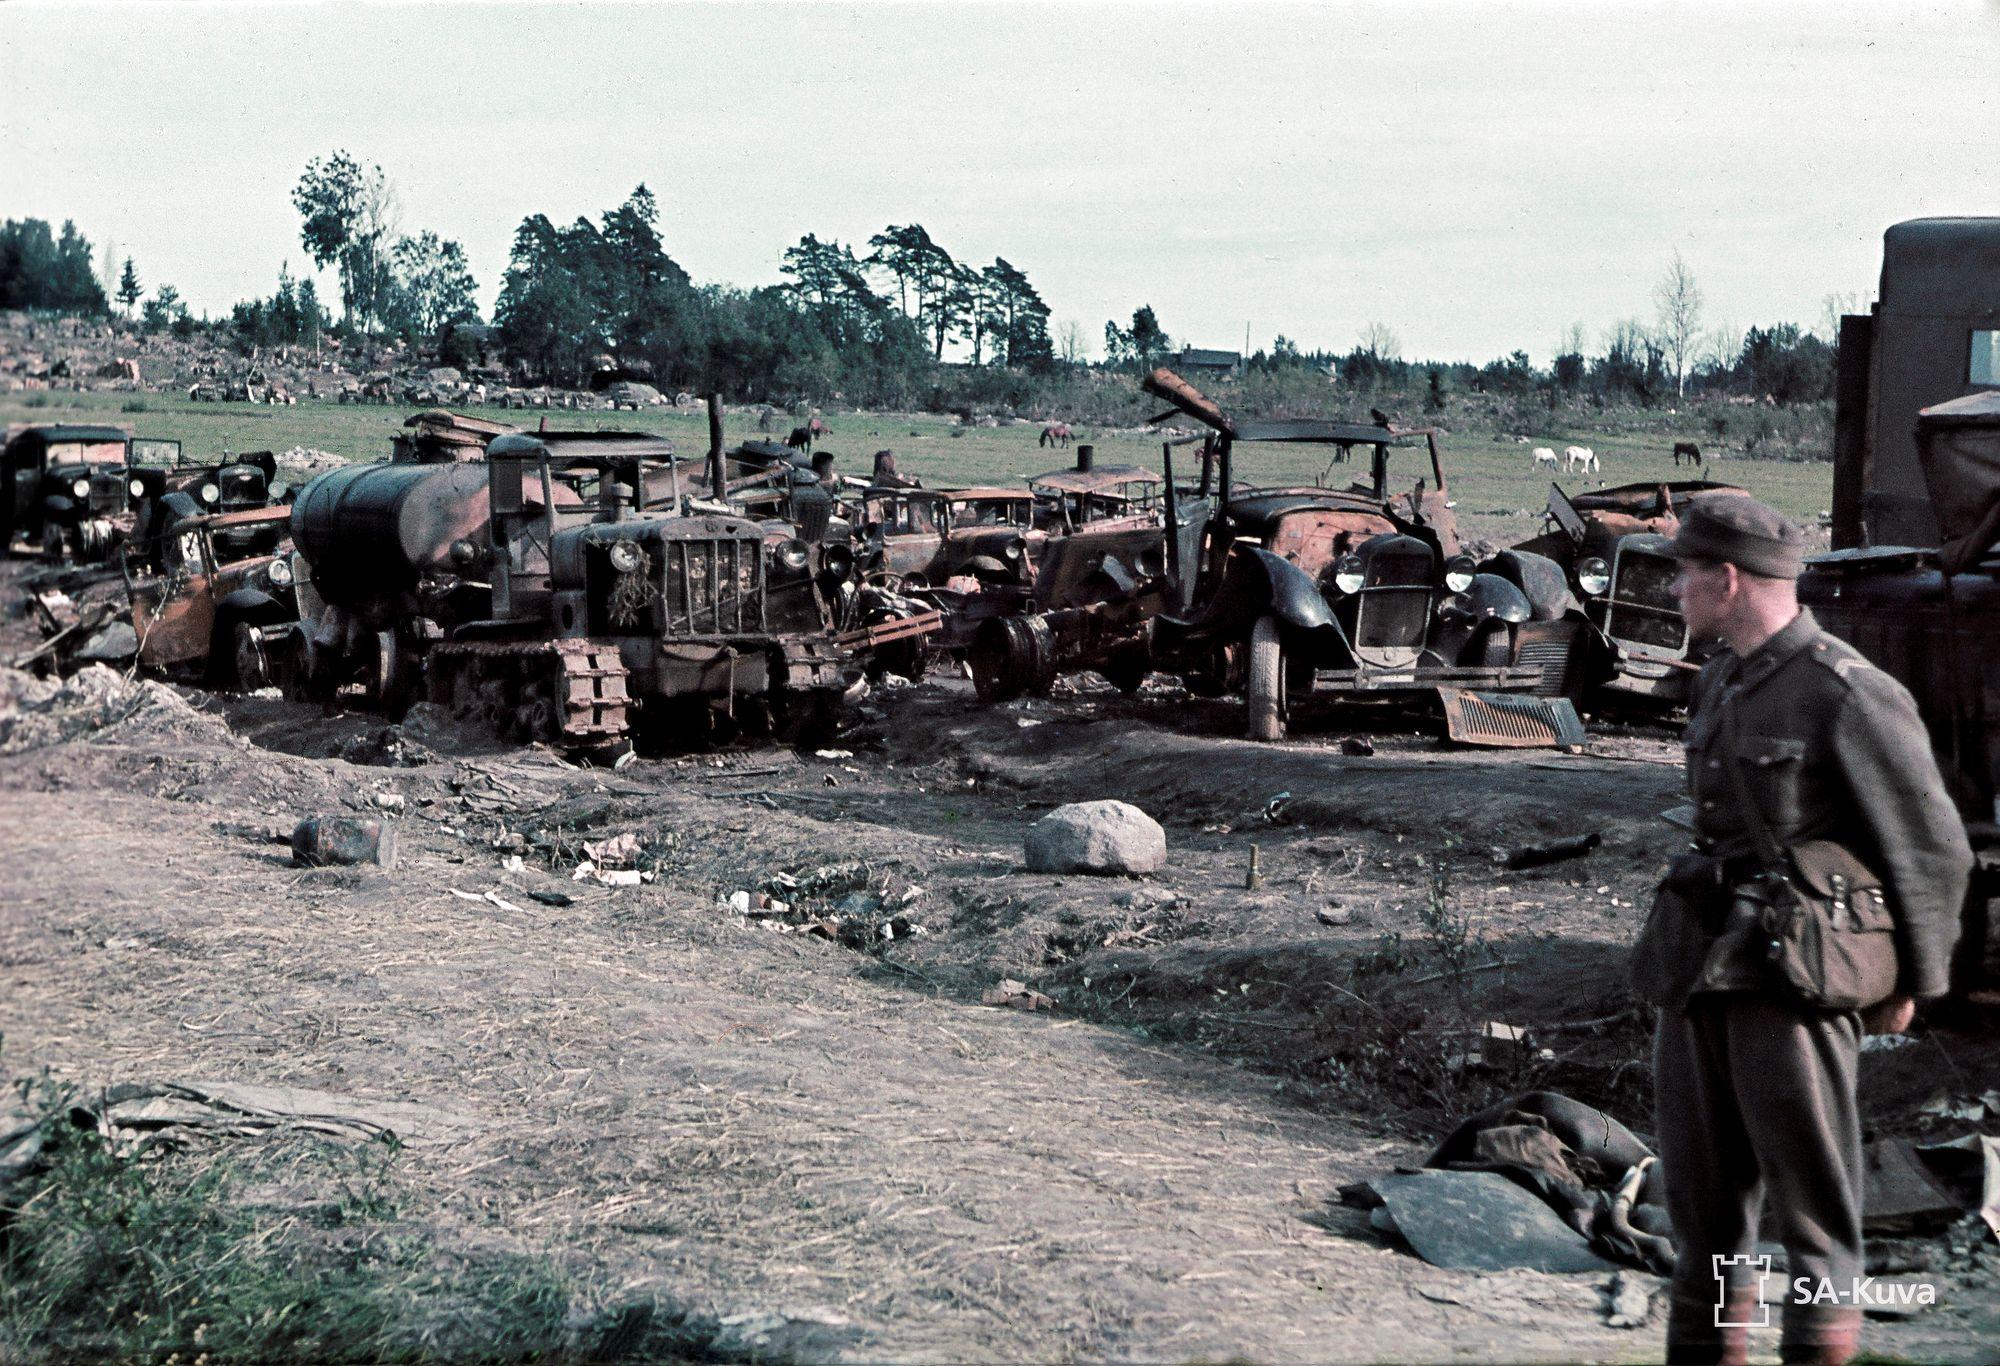 Suomalaiset taistelujoukot jatkoivat mottialueelta kohti vanhaa valtakunnanrajaa. Vajaa viikko myöhemmin Karjalan kannas oli vallattu takaisin. © SA-Kuva